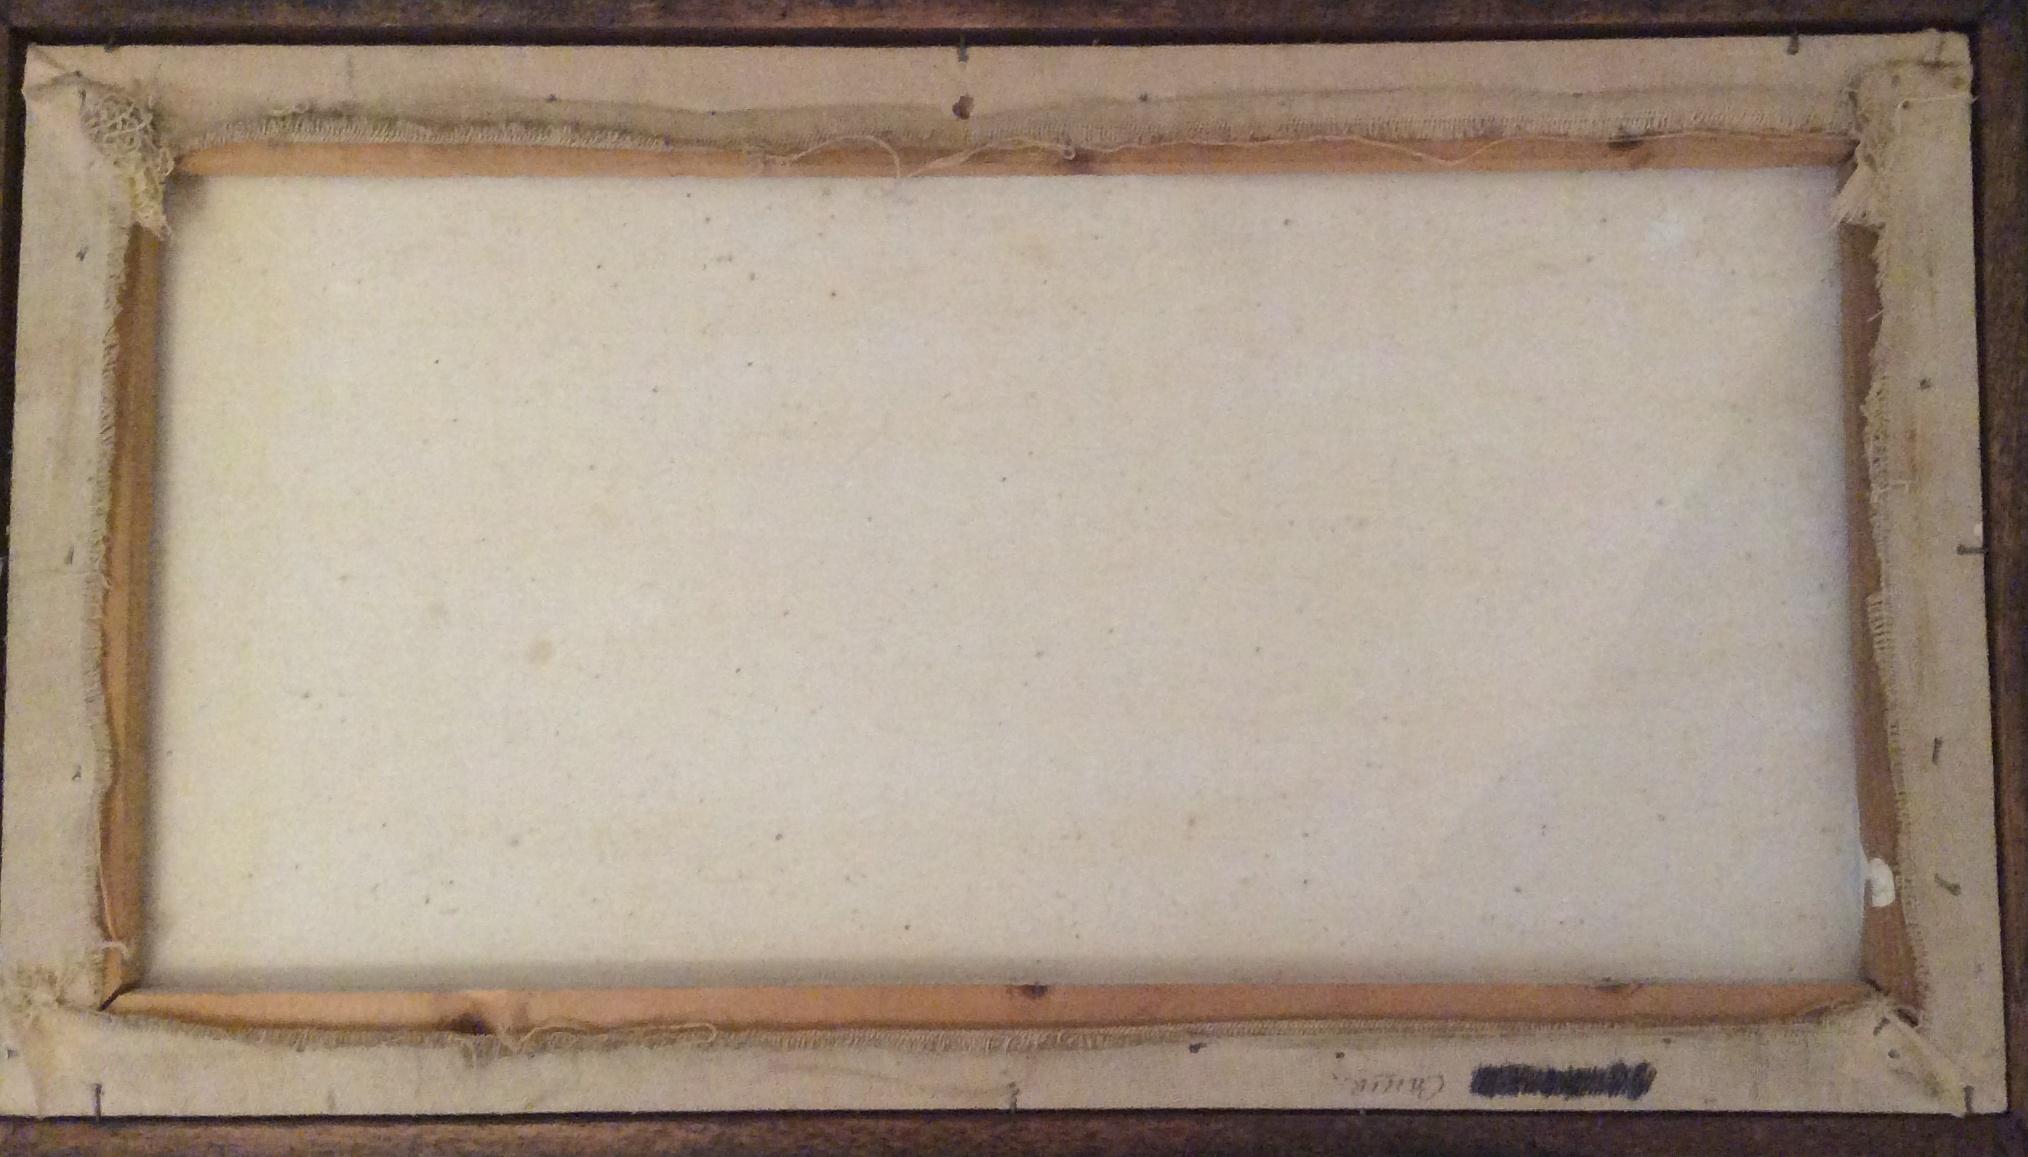 Морской пейзаж 32-58 см., холст, масло 1992 год  - 1